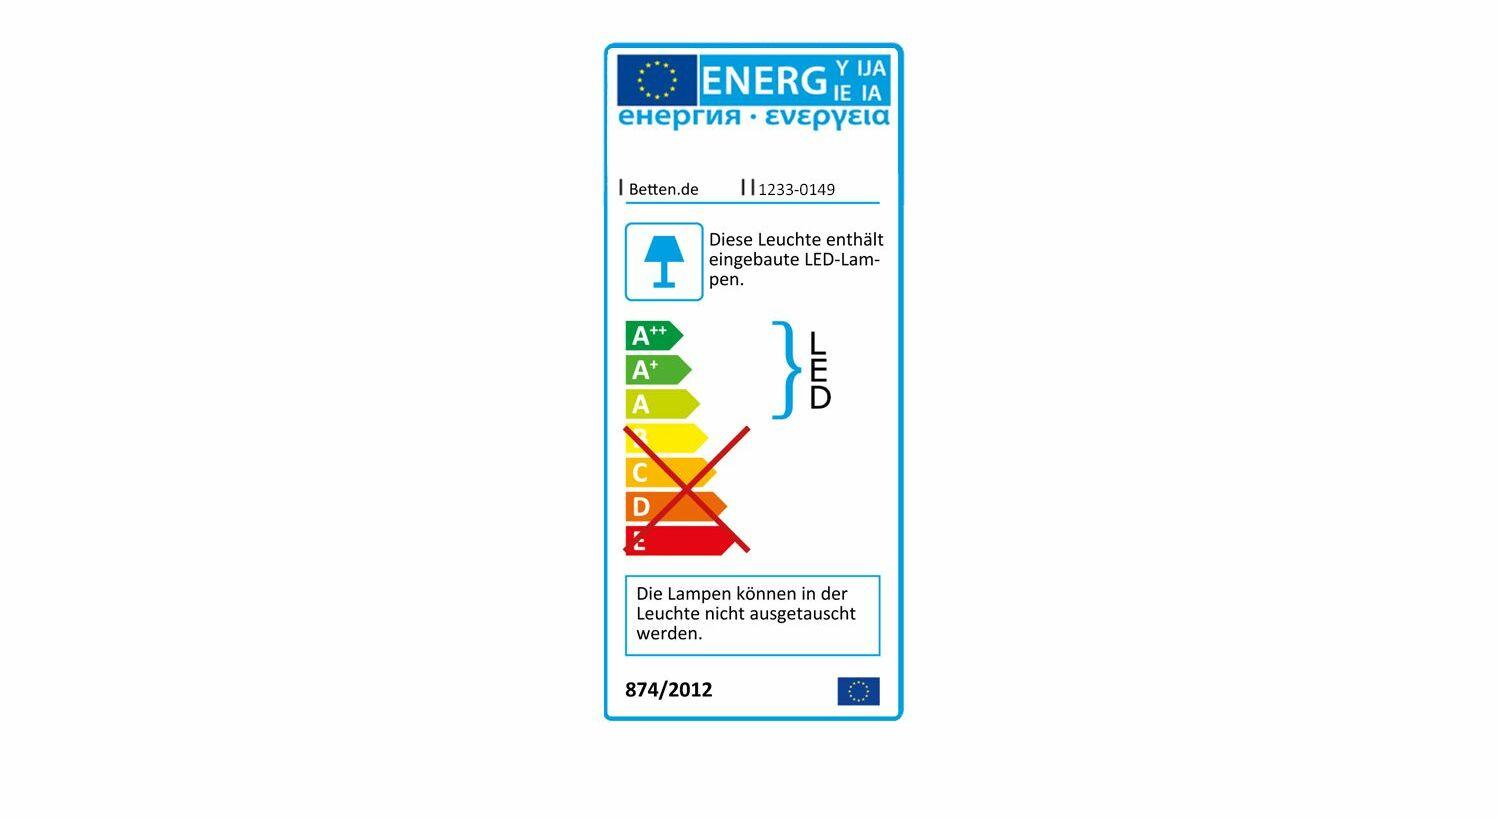 Energieverbrauchskennzeichnung vom Drehtüren-Kleiderschrank Zeven